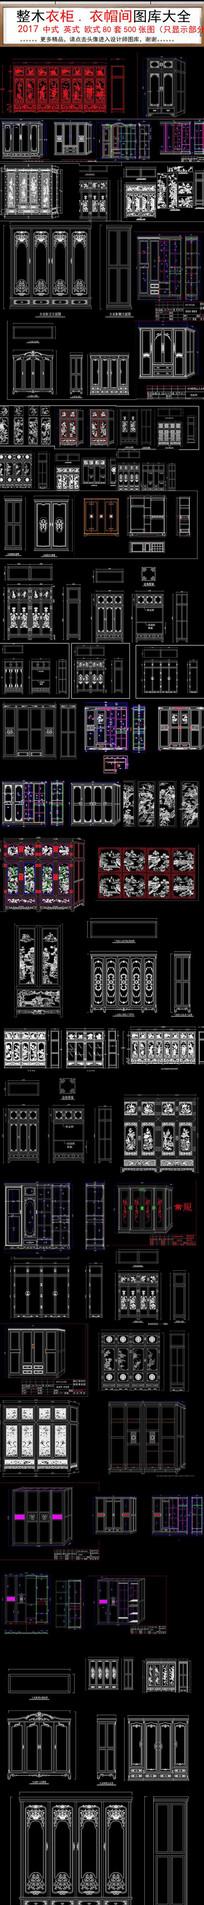 中式衣柜CAD图库